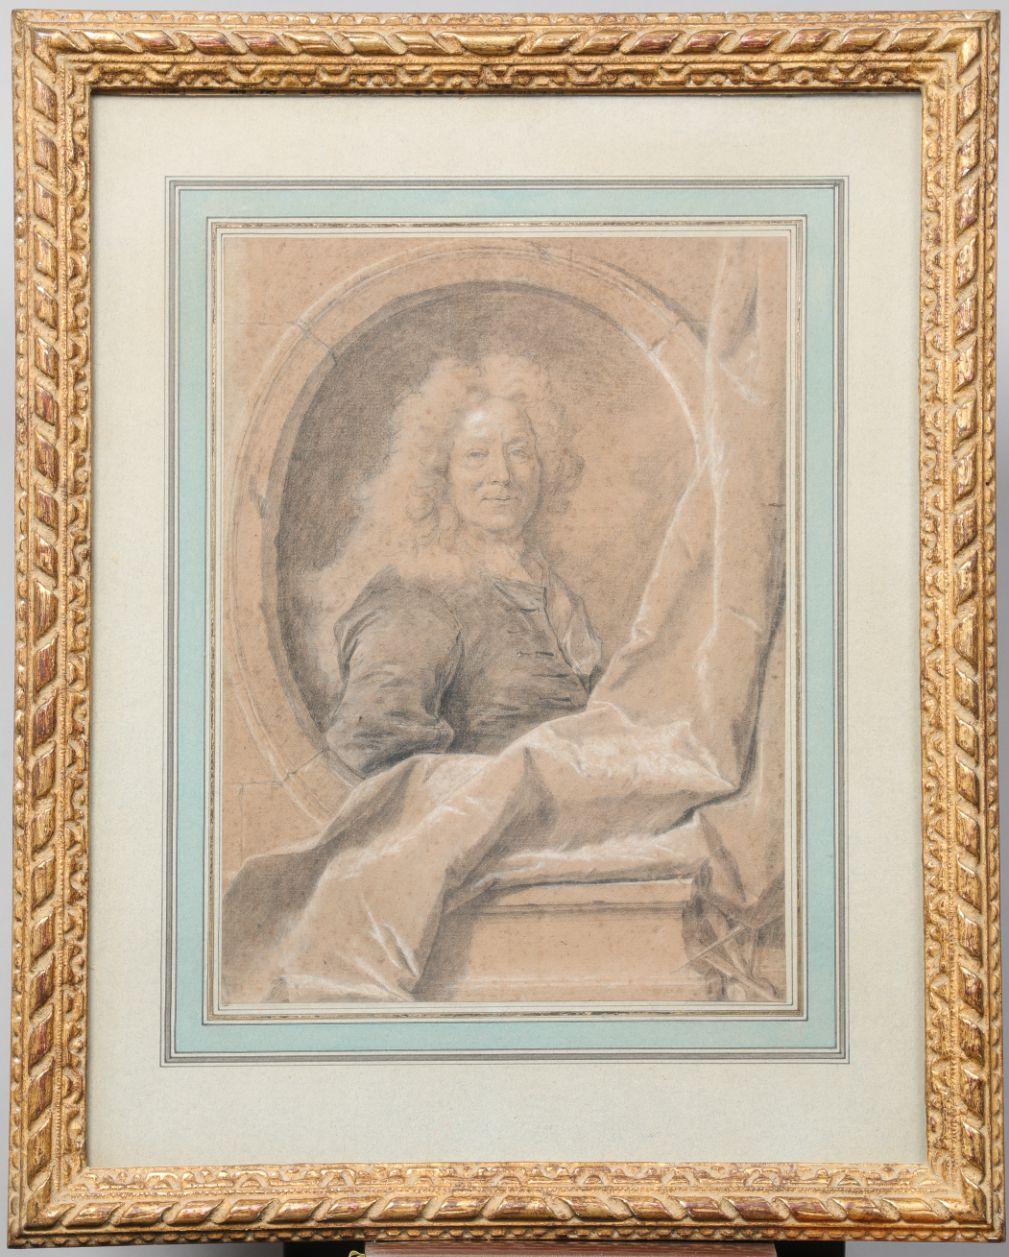 Hyacinthe Rigaud, portrait de François Girardon, sculpteur, v. 1707. Collection particulière © d.r